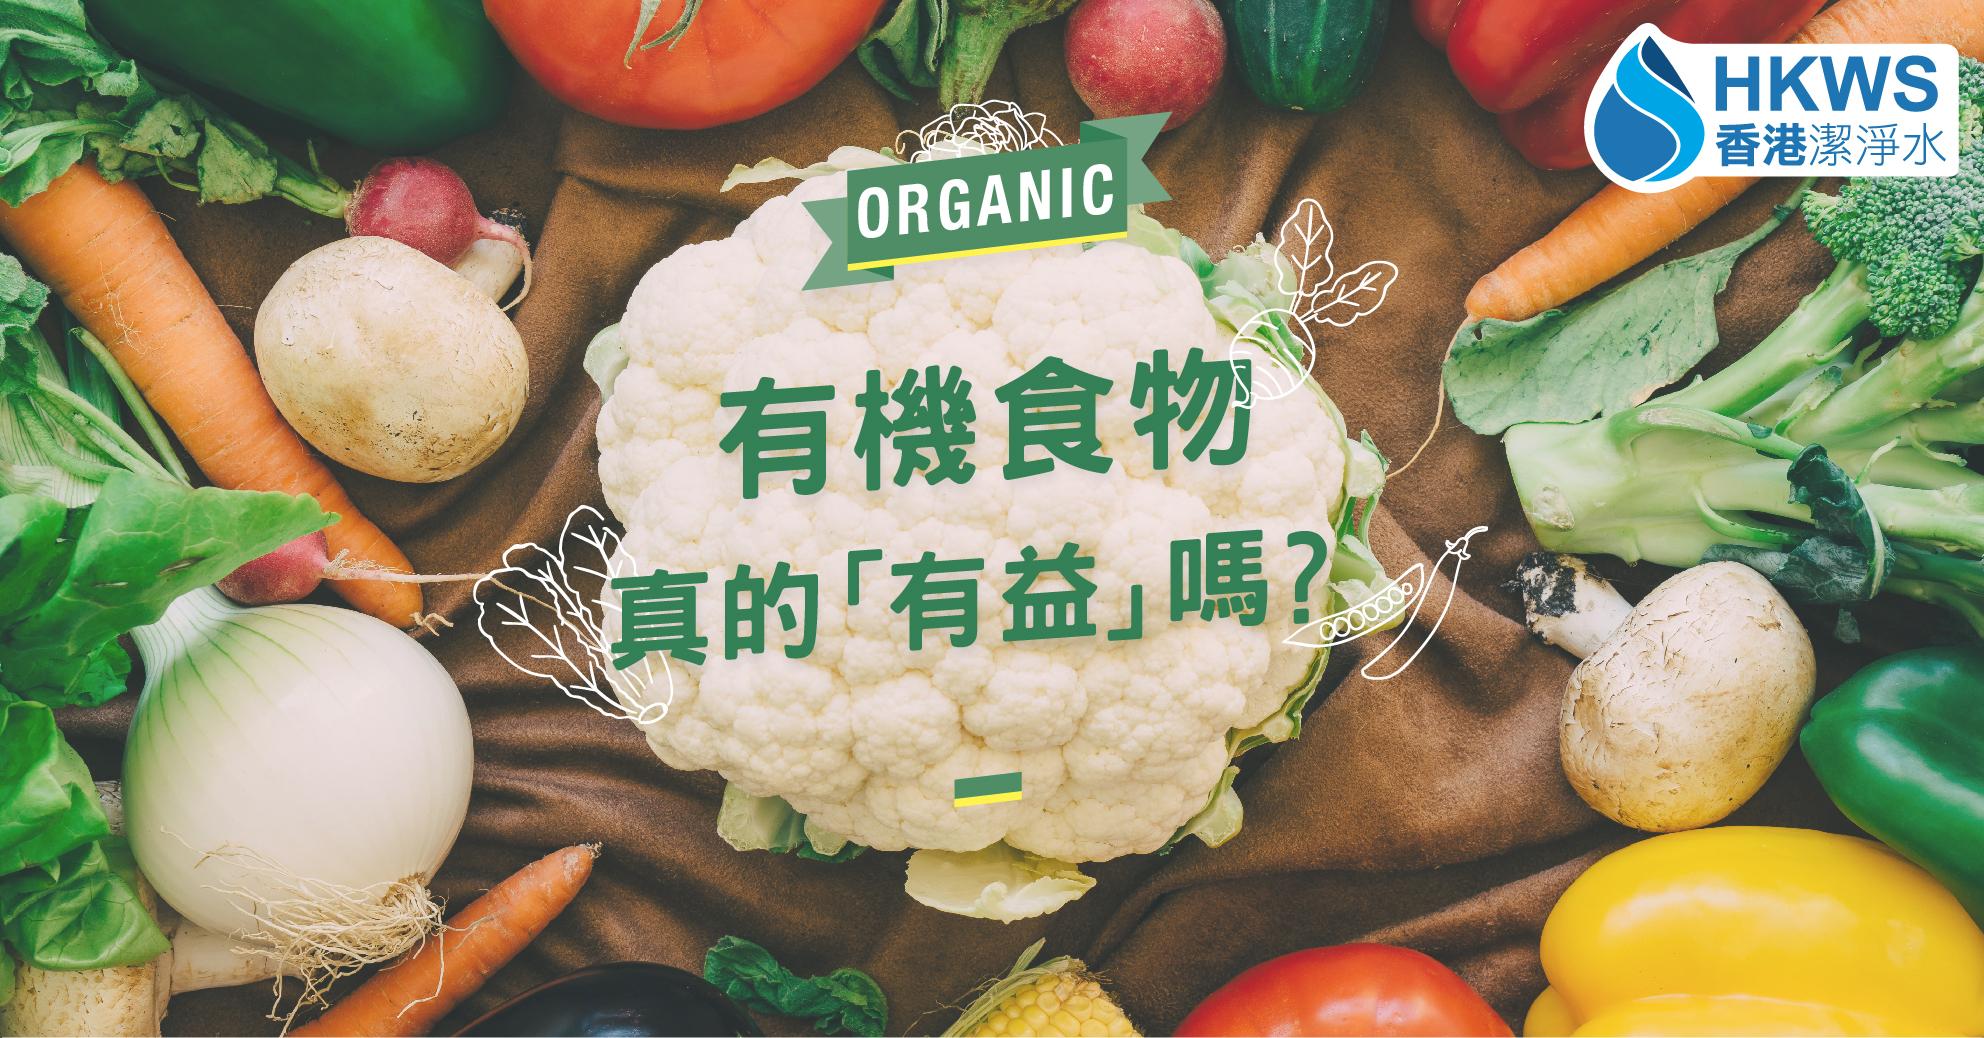 """""""有機""""究竟是什麼意思?有機食物原來不是特別有益?"""